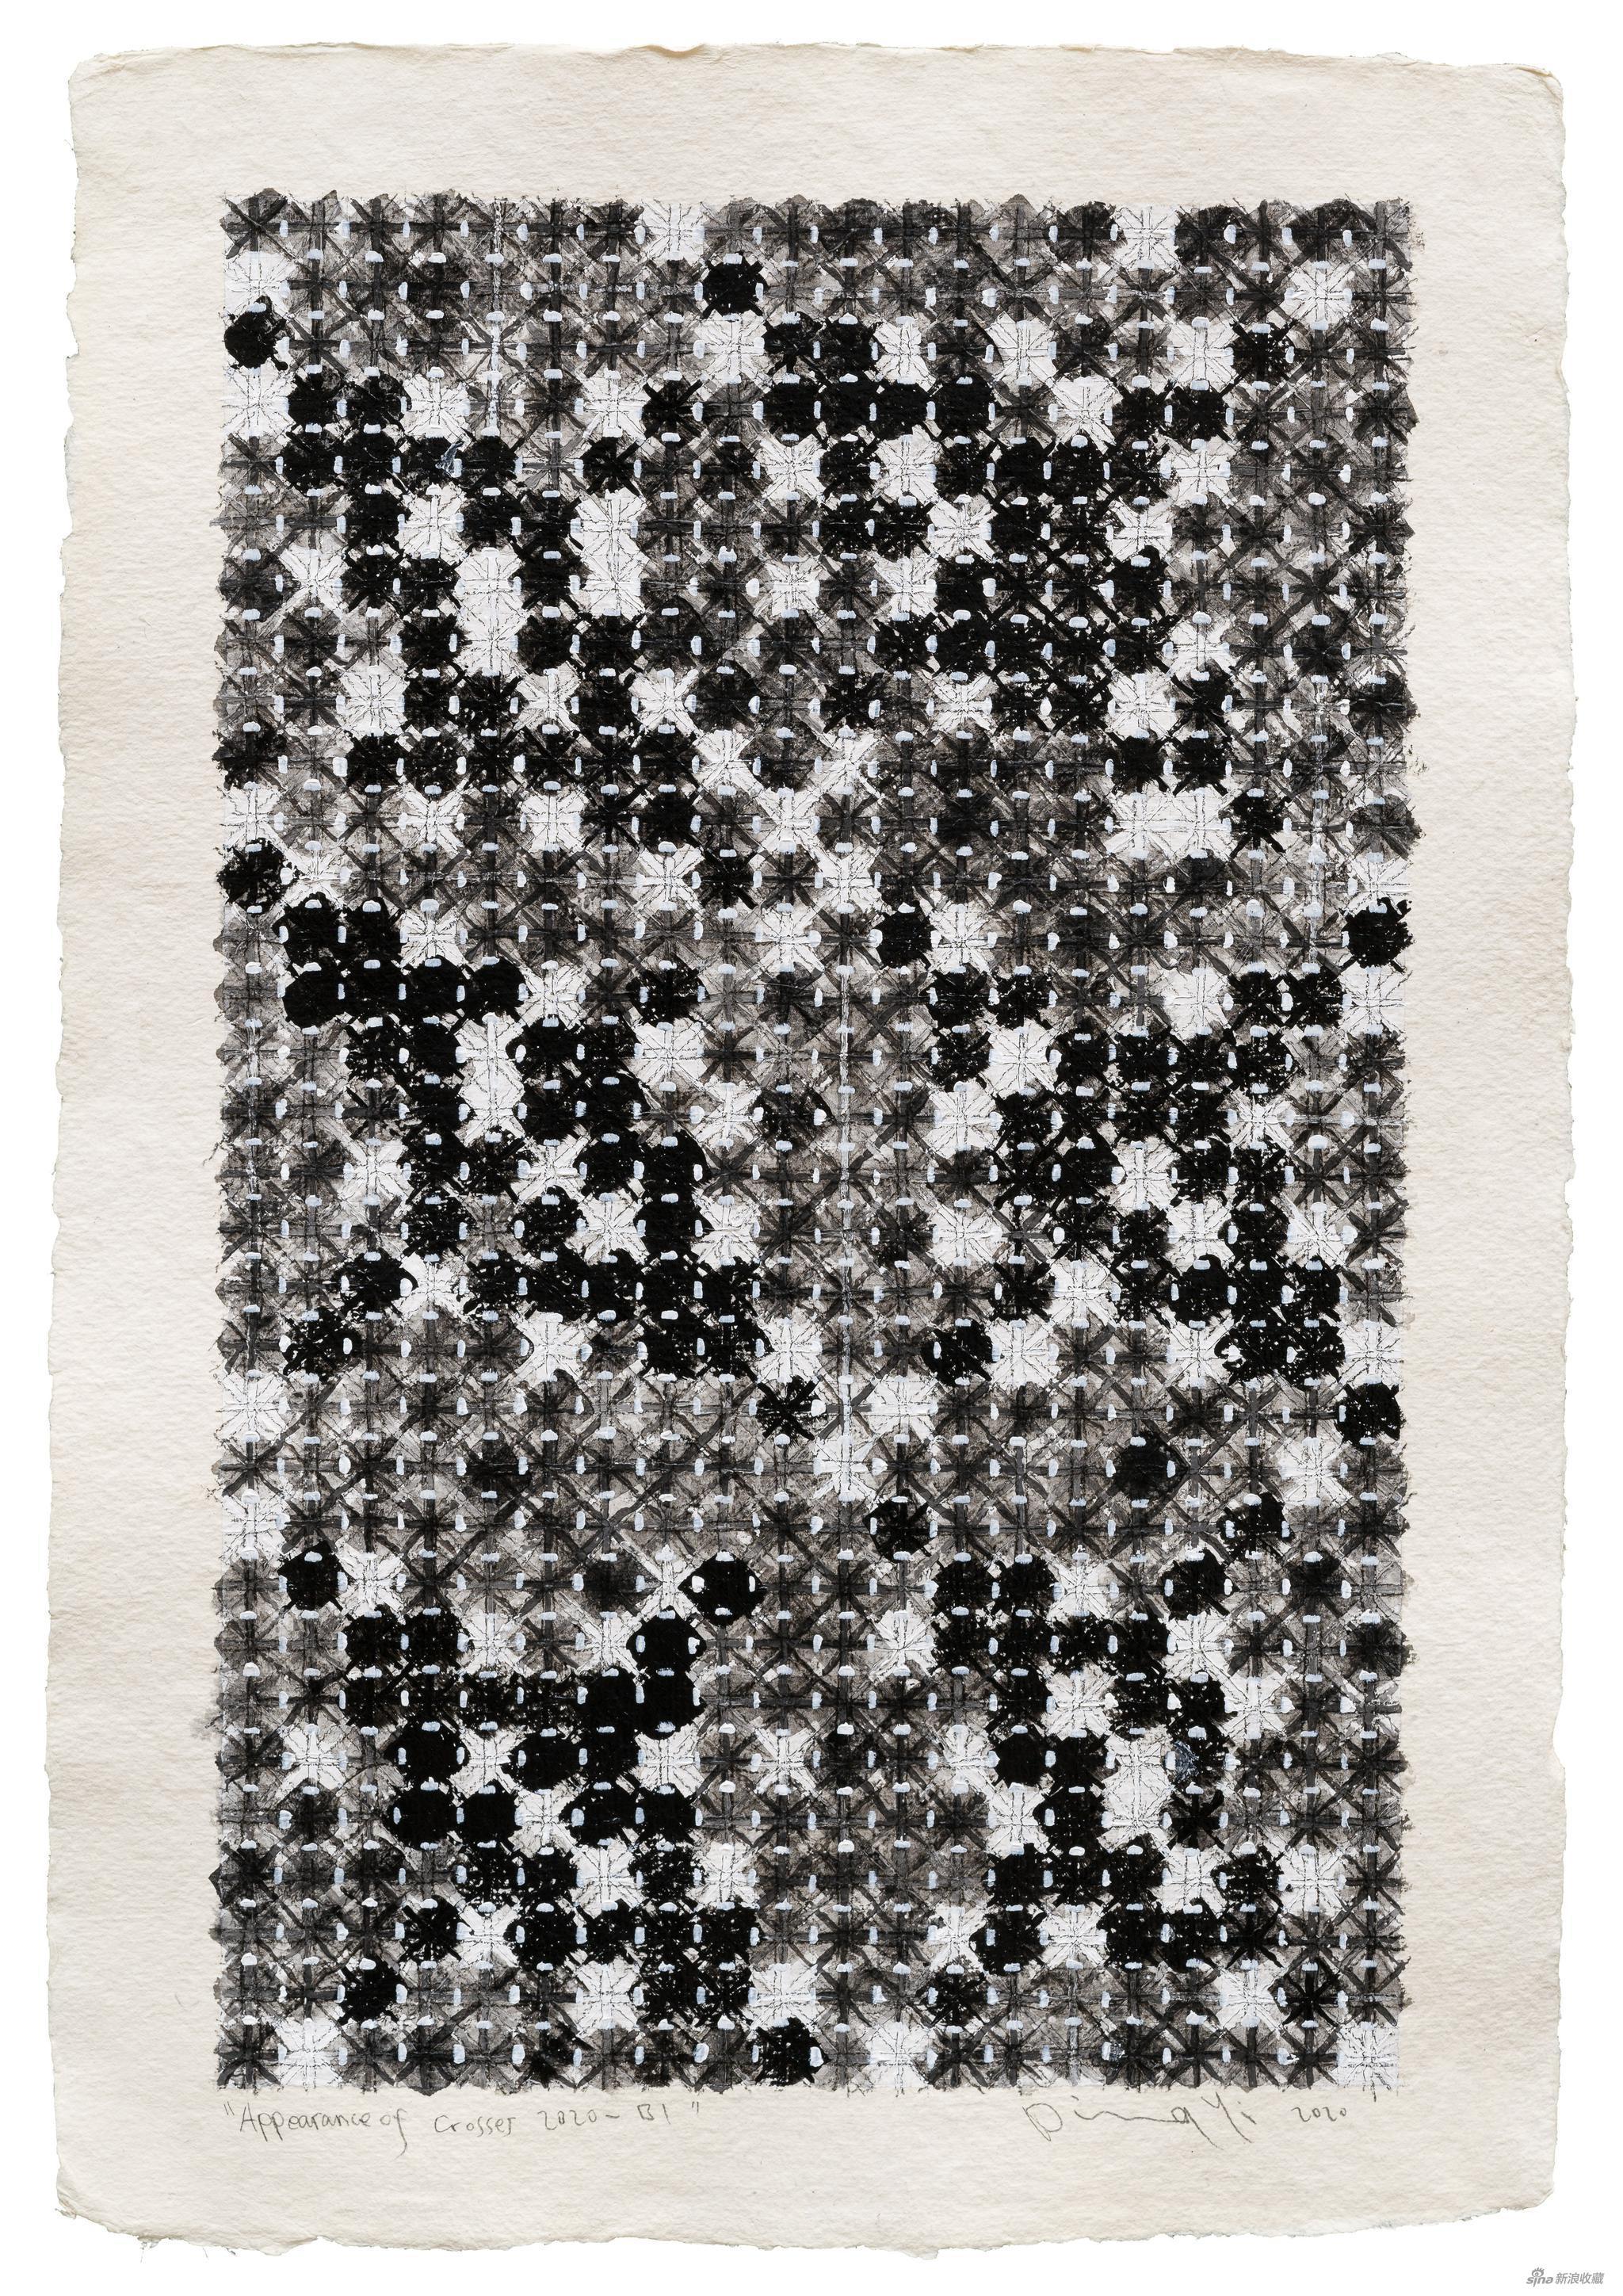 丁乙,十示 2020-B1,手工纸上丙烯、水溶性彩铅、铅笔,2020,56x38cm